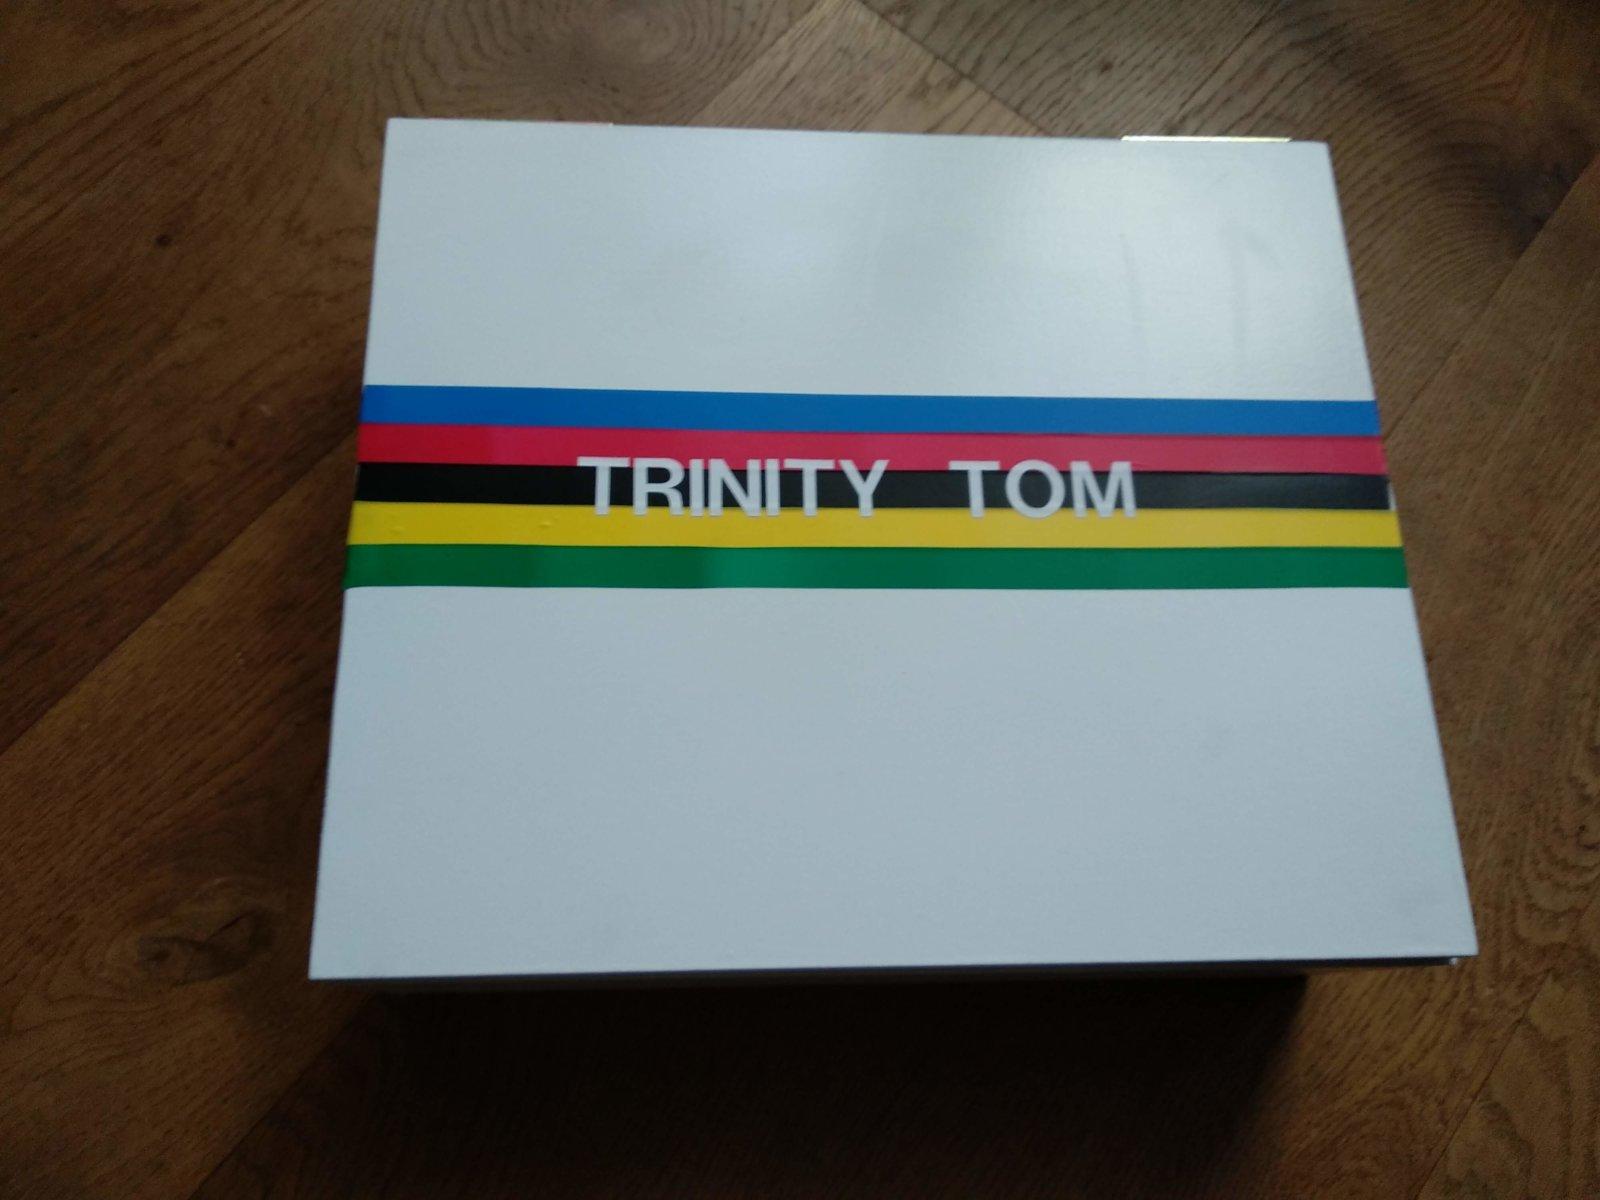 Trinity Tom Geschenkdoos Voor Tom Dumoulin